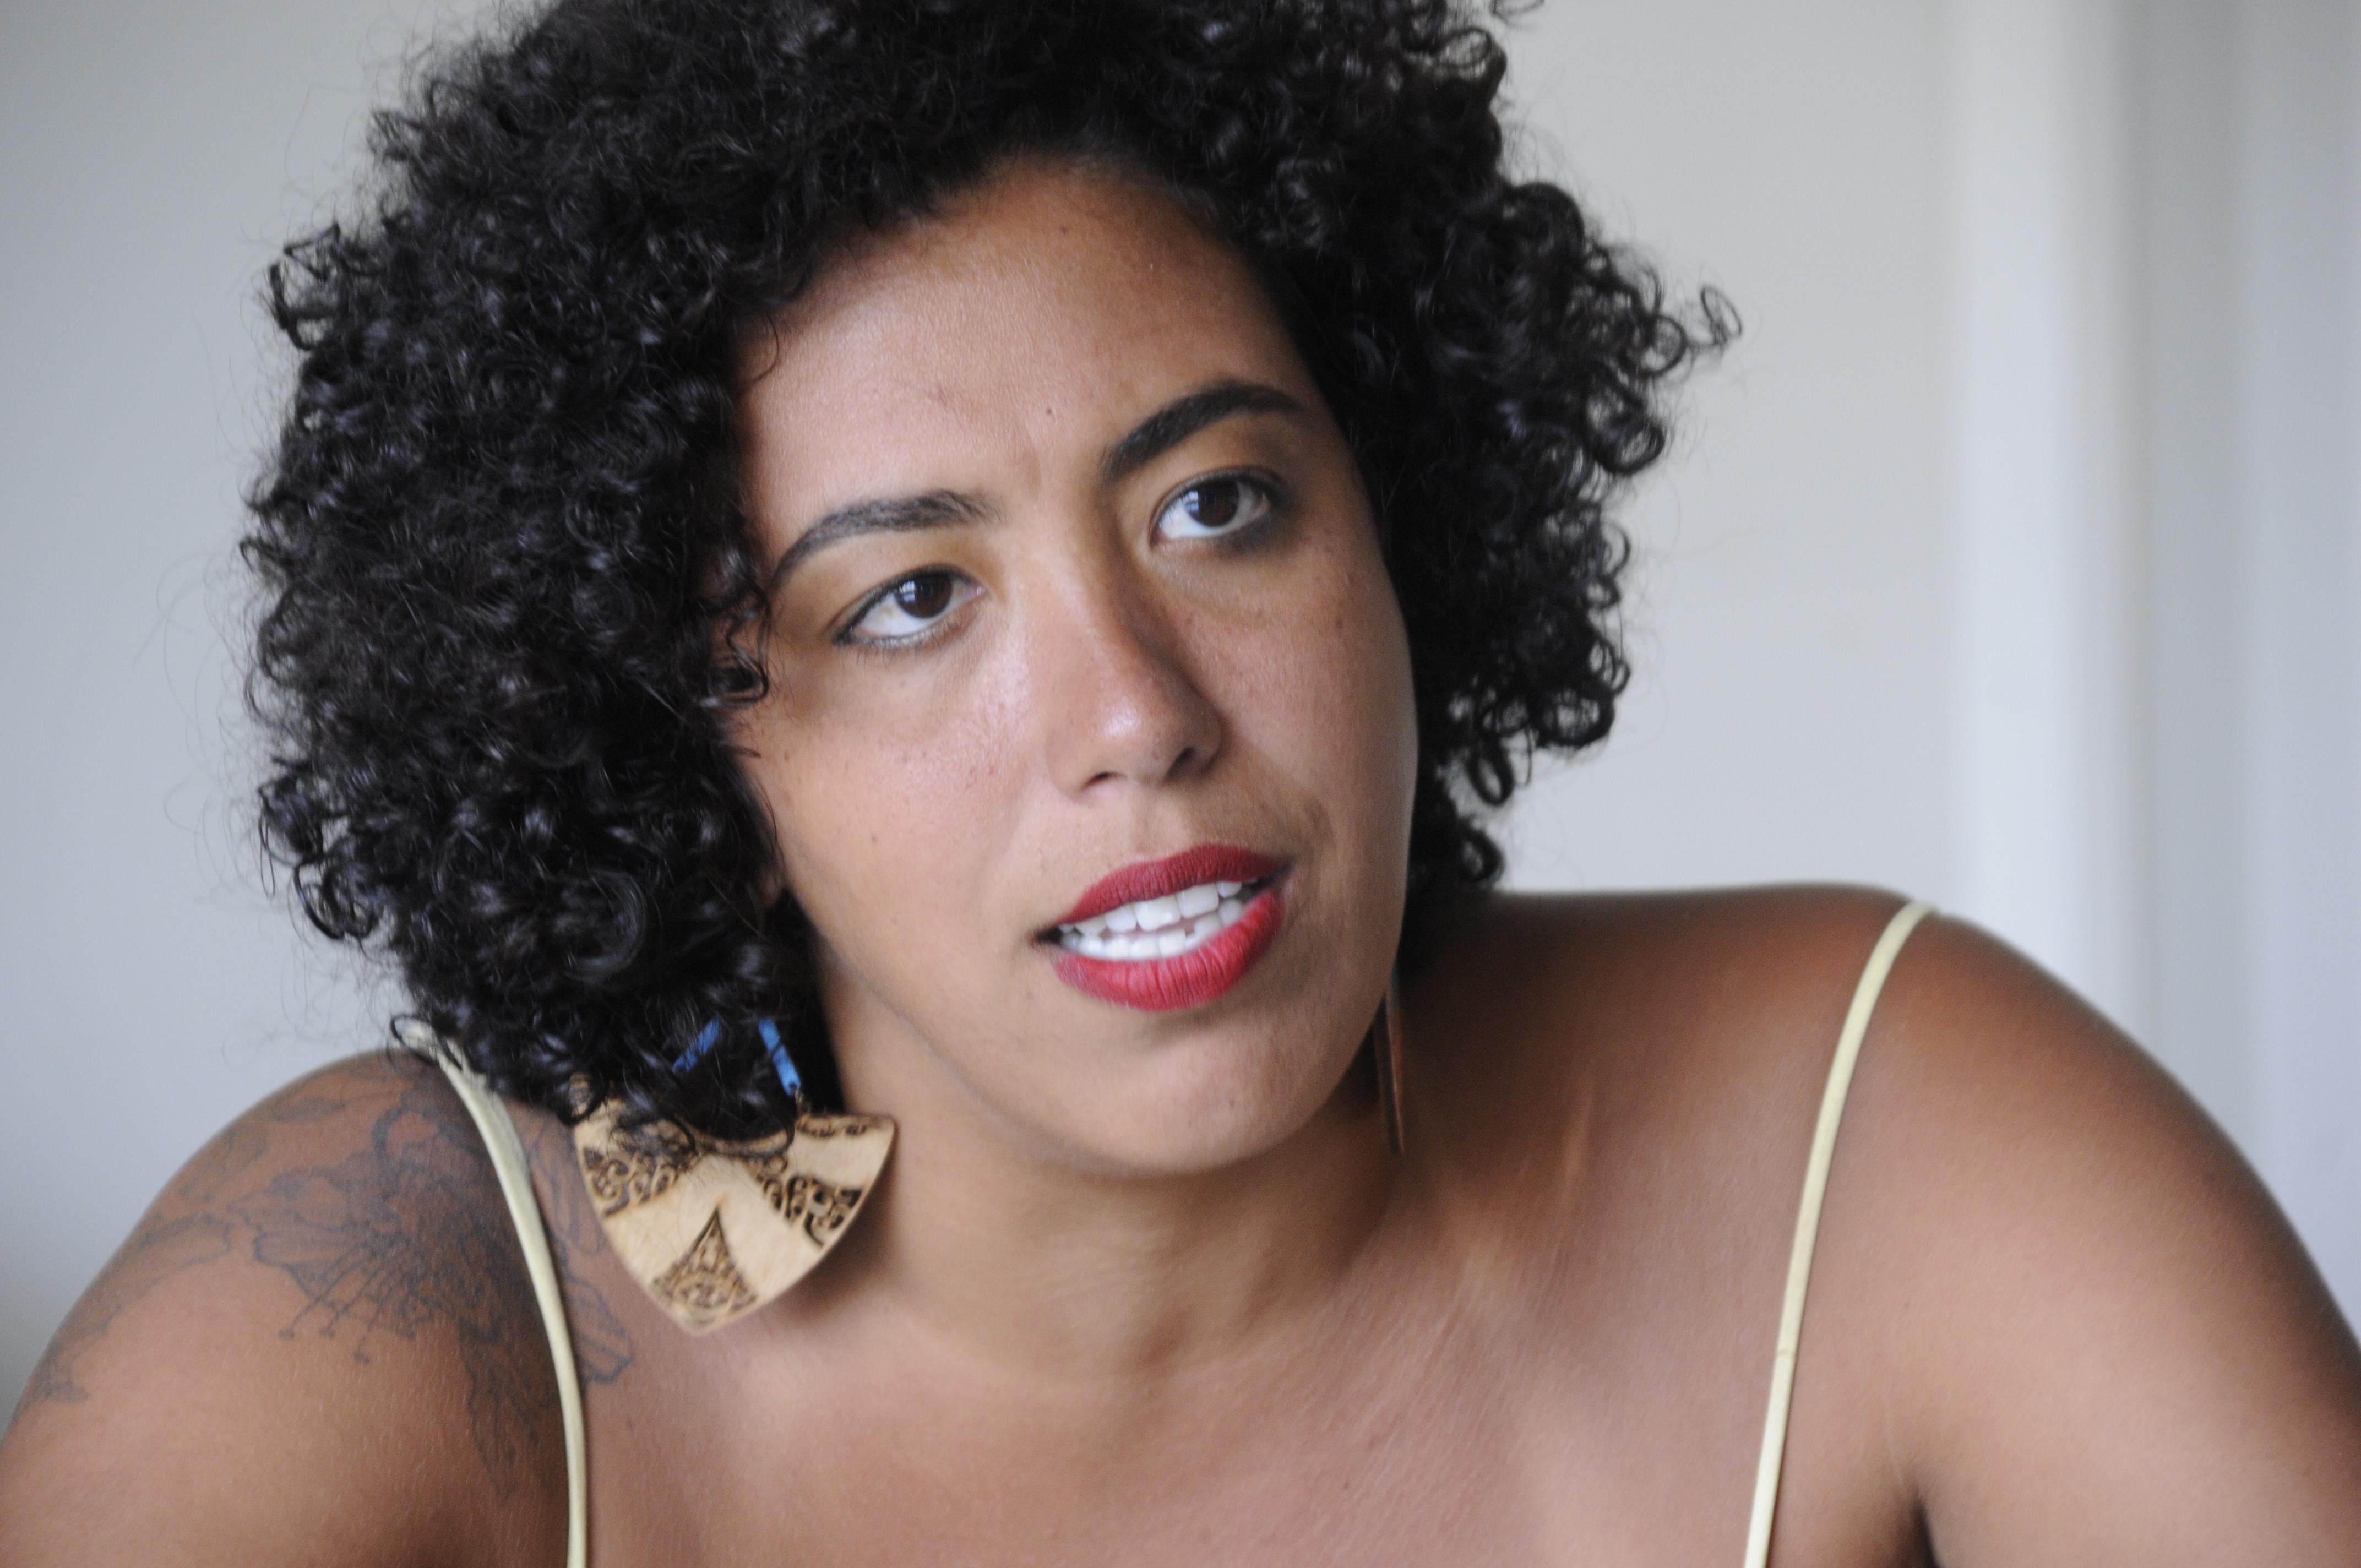 Vereadora Talíria Petrone (PSOl-RJ), a mais votada em Niterói em 2016 - Foto: Reprodução/Facebook